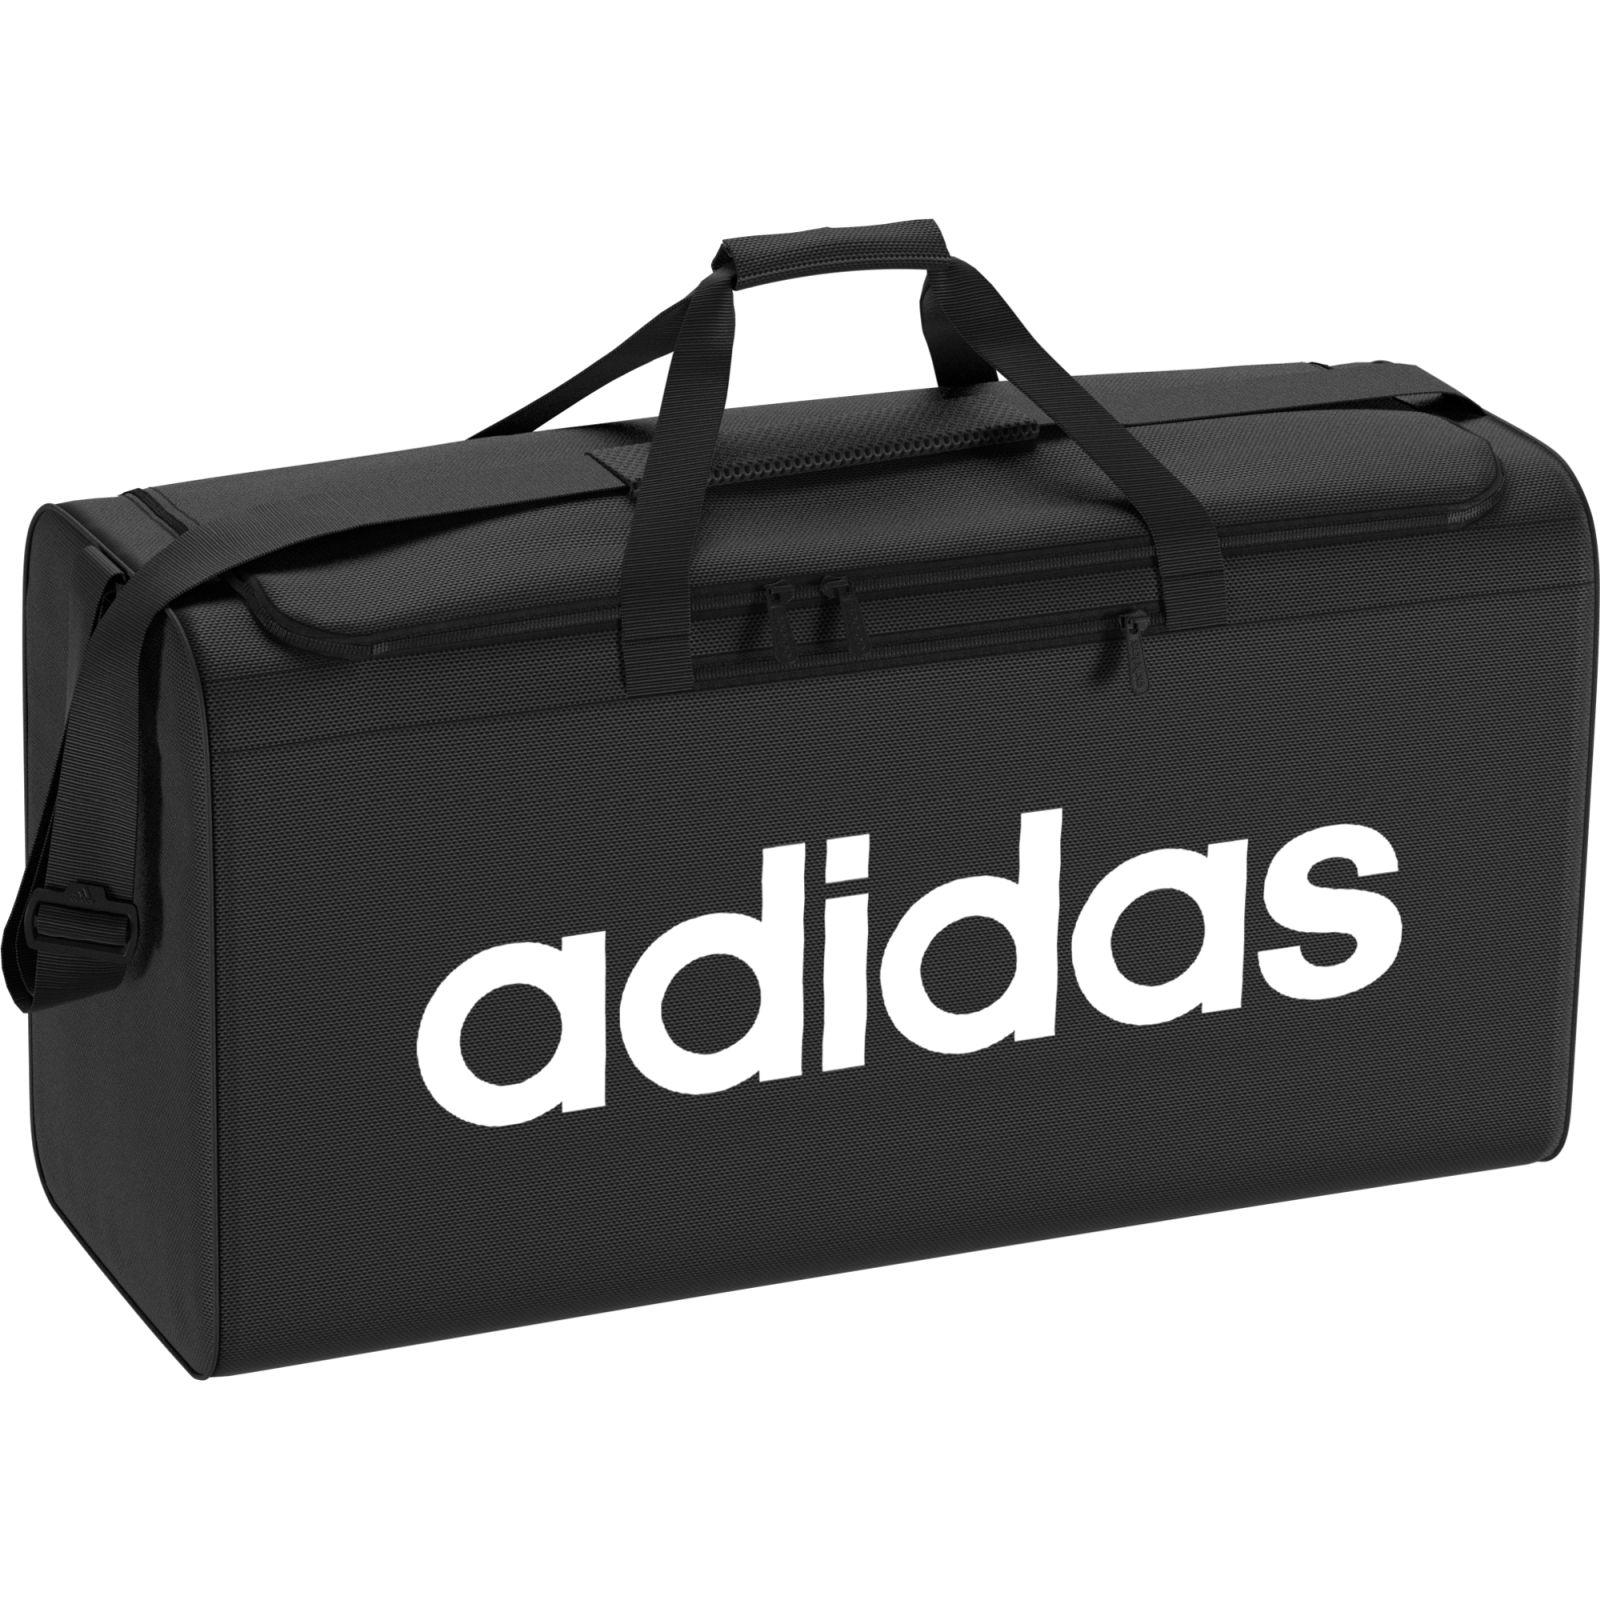 Details zu adidas Herren Sporttasche Essentials Linear Core Duffel Bag Größe Medium schwarz